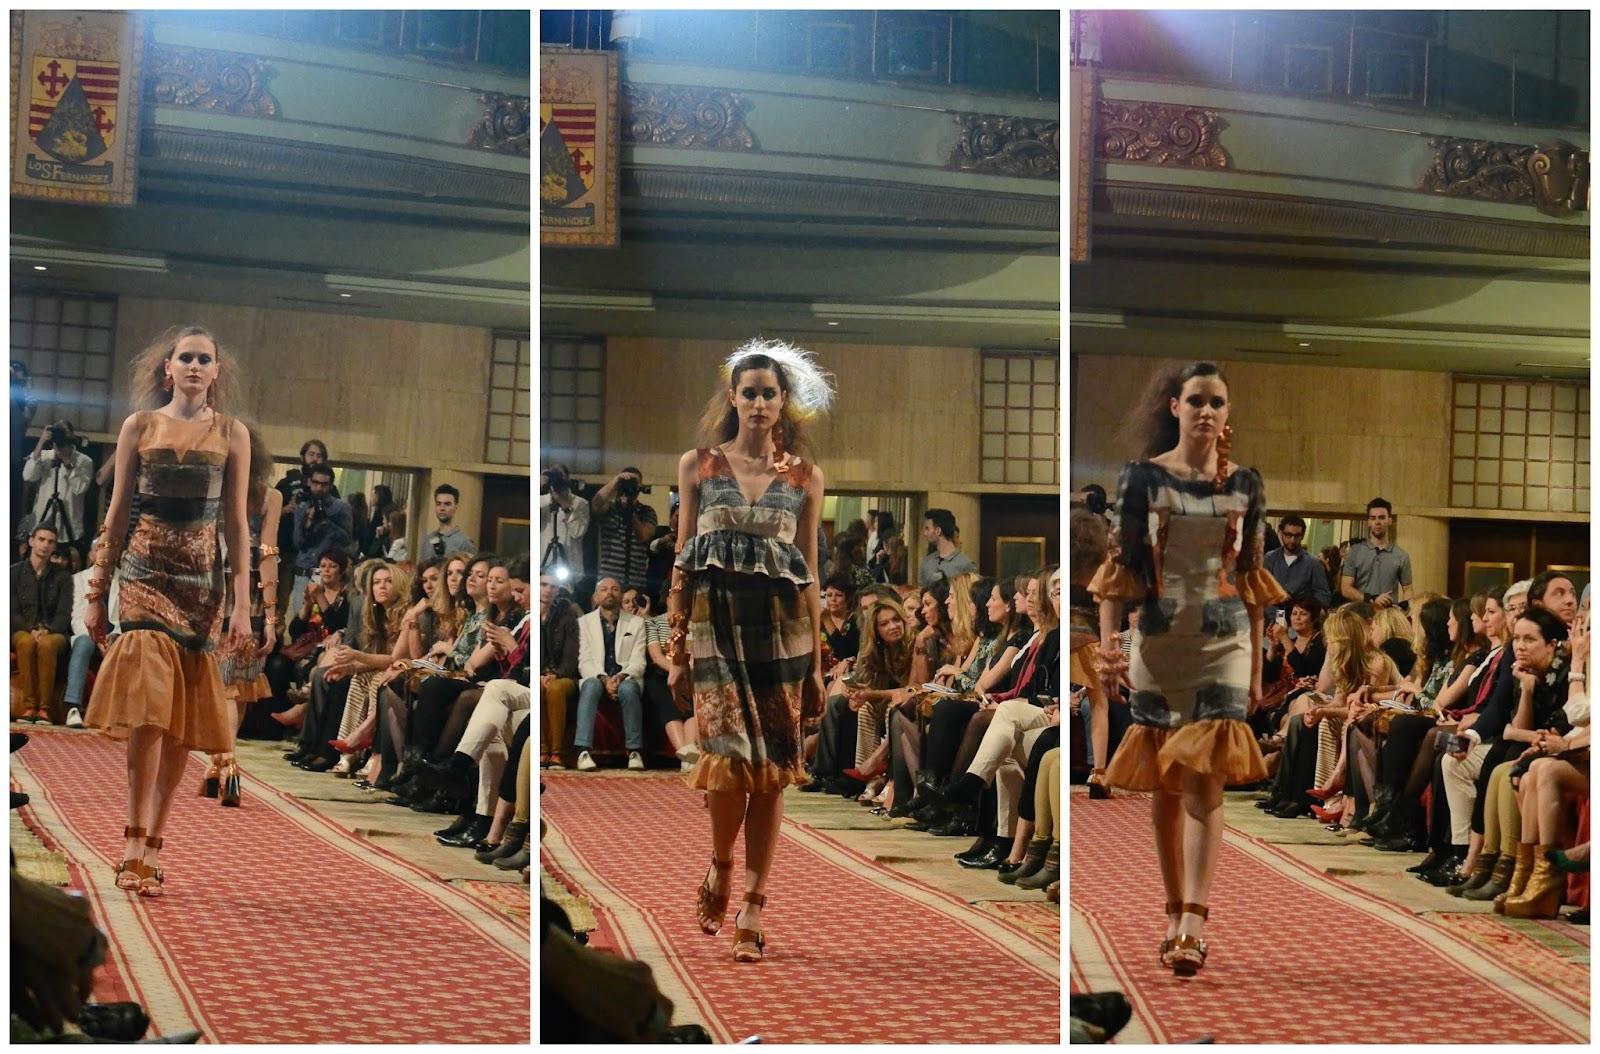 Raquel Zorraquín Premios Nacionales a la Moda para Jóvenes Diseñadores